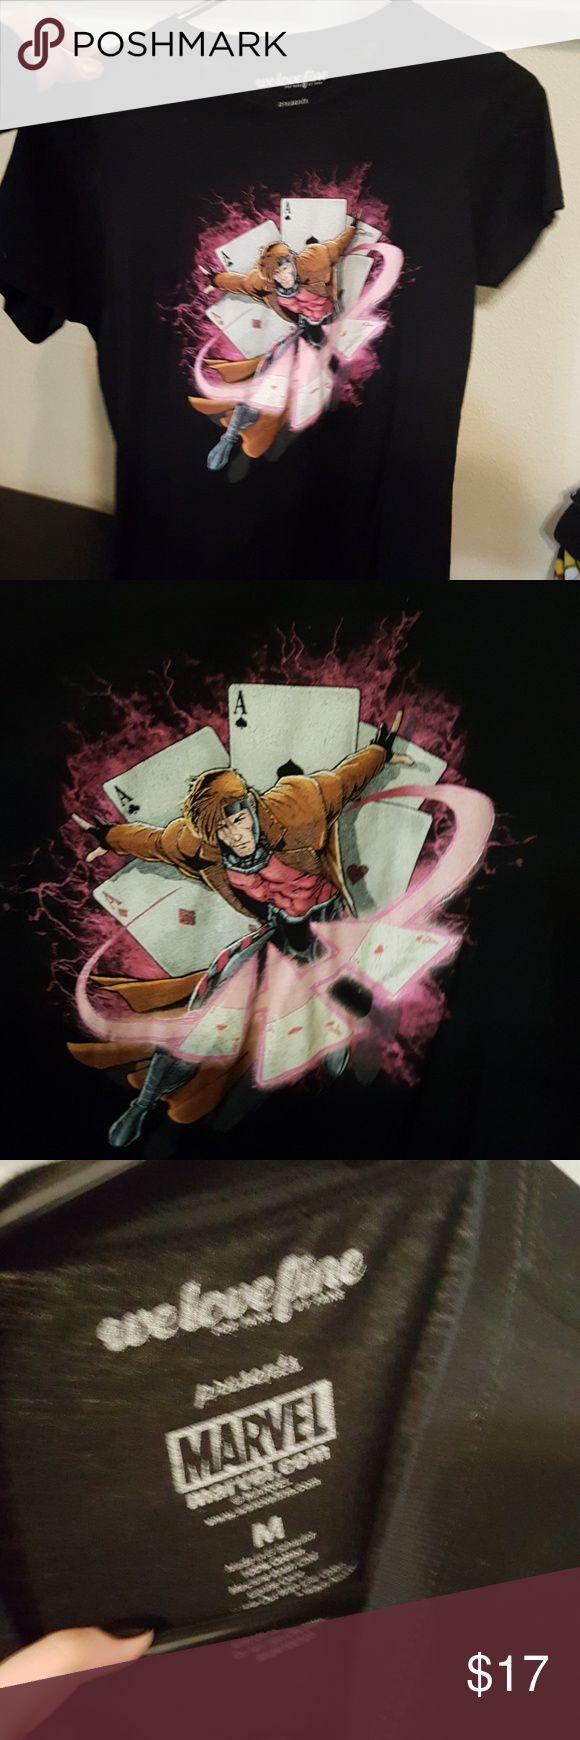 X-men gambit shirt Gambit from the xmen Marvel Tops Tees - Short Sleeve